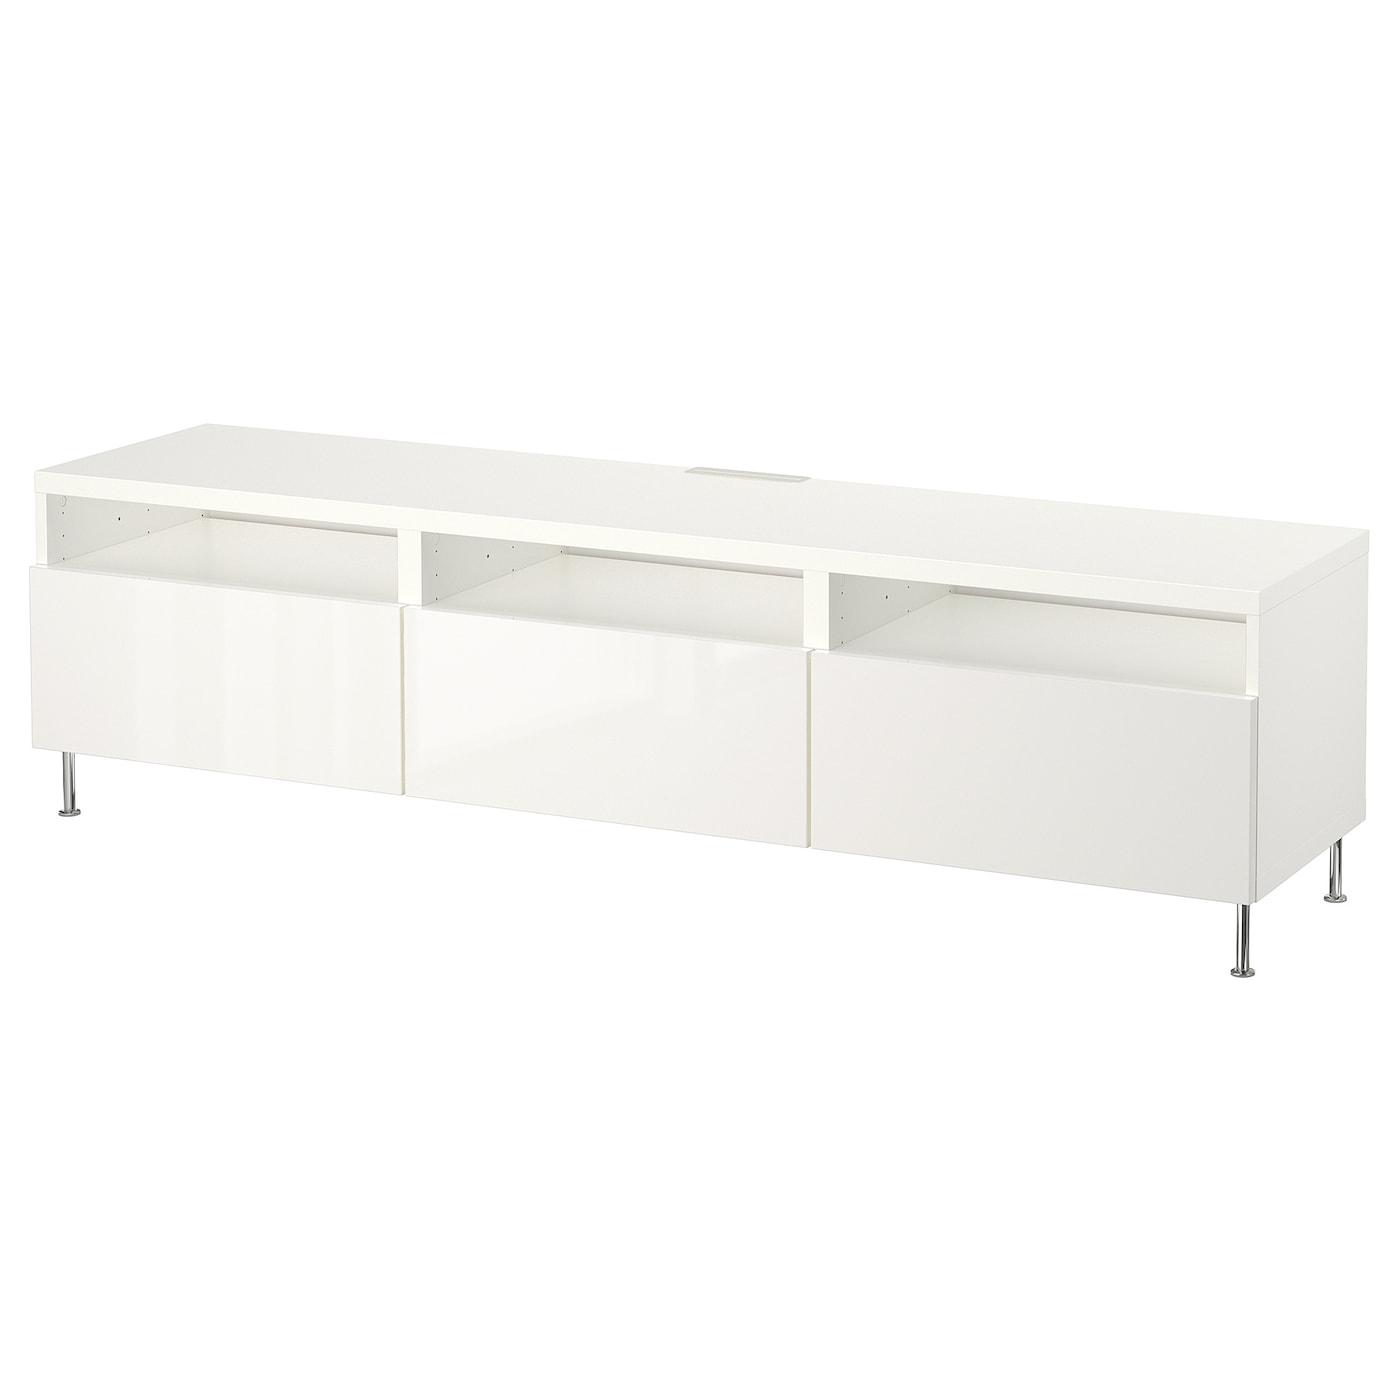 BESTÅ | Wohnzimmer > TV-HiFi-Möbel > TV-Lowboards | Weiß | Papier - Abs | IKEA